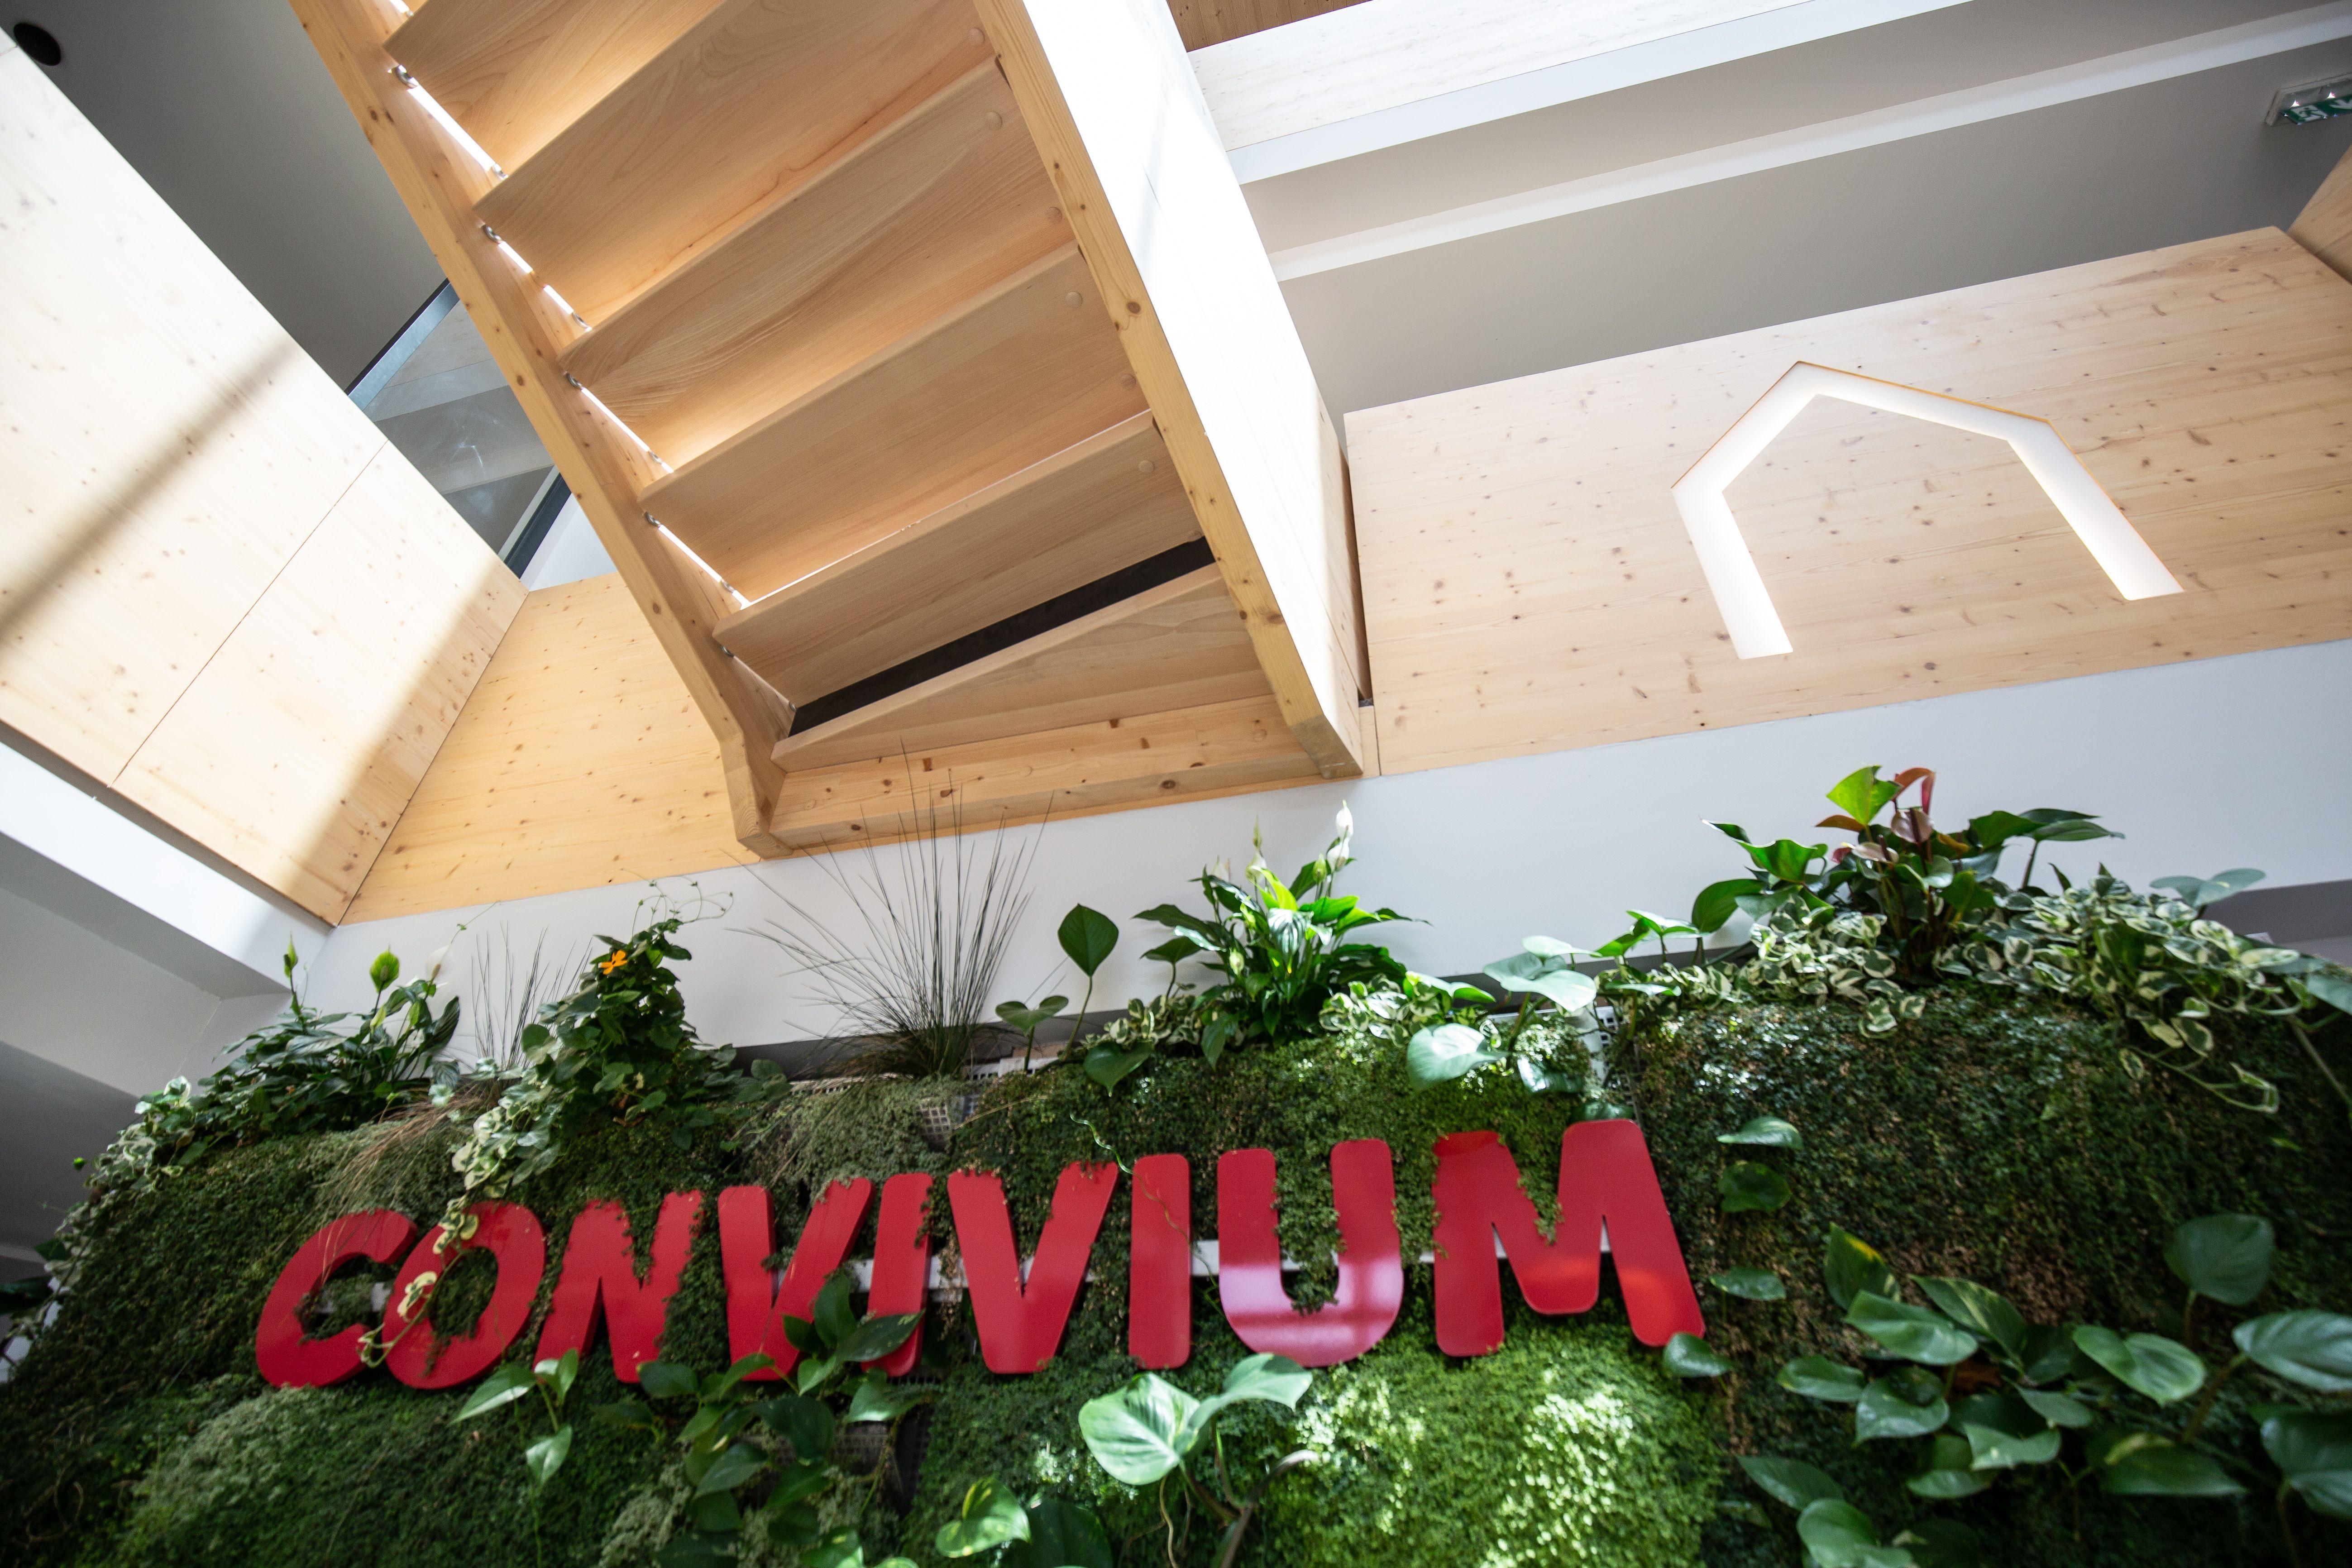 Convivium Par Innov Habitat Venez Decouvrir Un Lieu Pour Faire L Experience Du Bien Vivre Mur Vegetal Et Escalier En Bois Habitat Bien Vivre Mur Vegetal